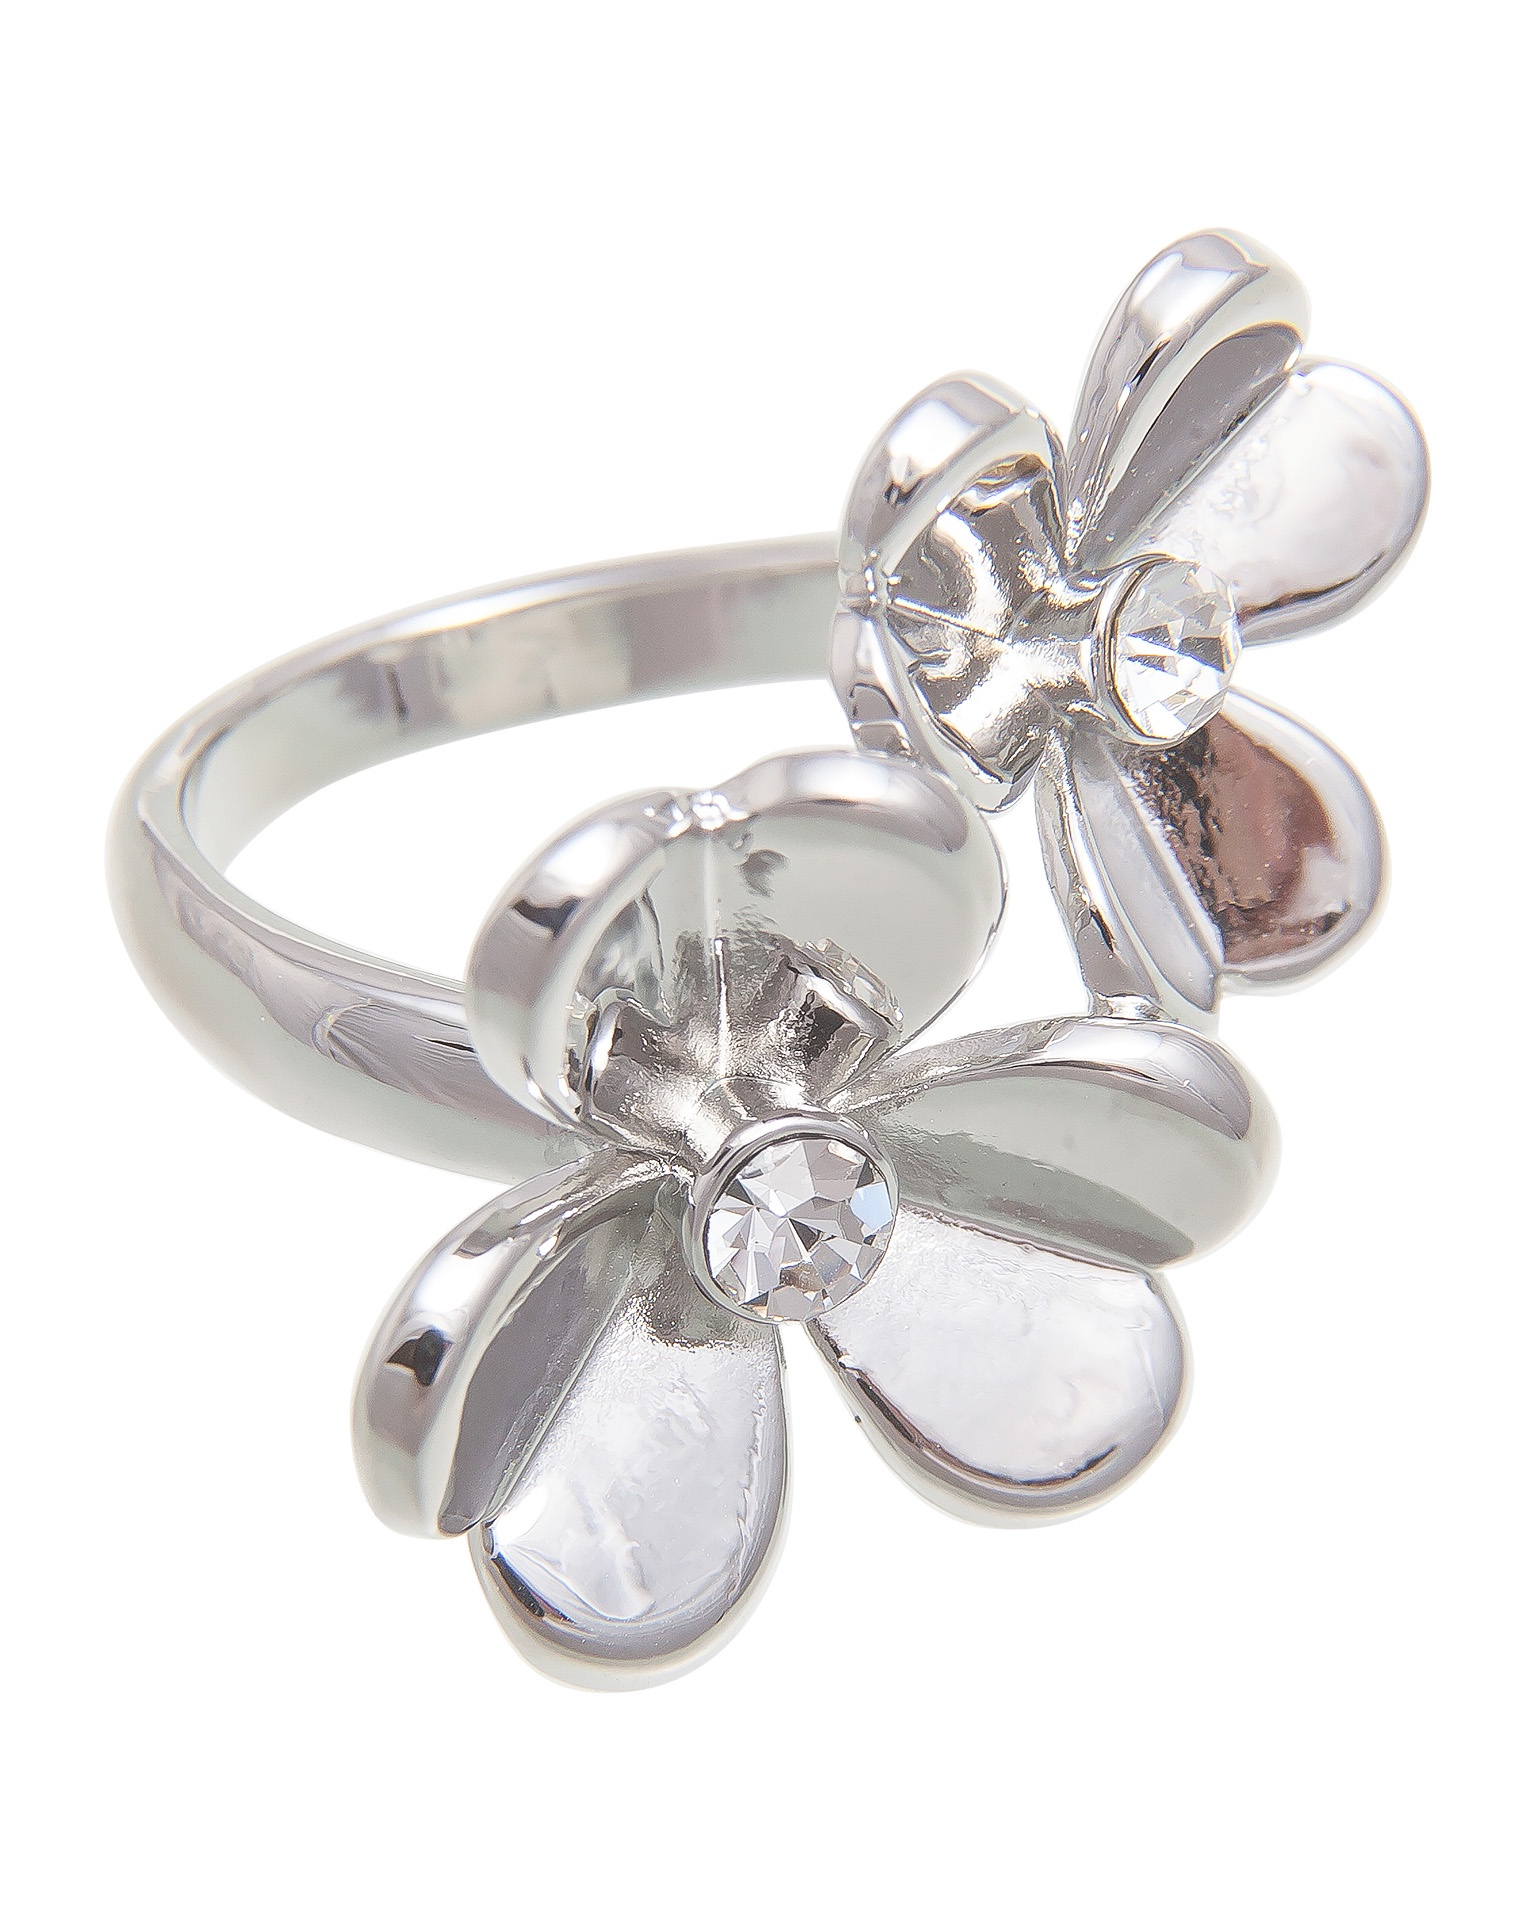 Кольцо бижутерное Aiyony Macie женский серебряный, R811032, серебристыйR811032Размер 18 Состав: сплав на основе латуни, стразы